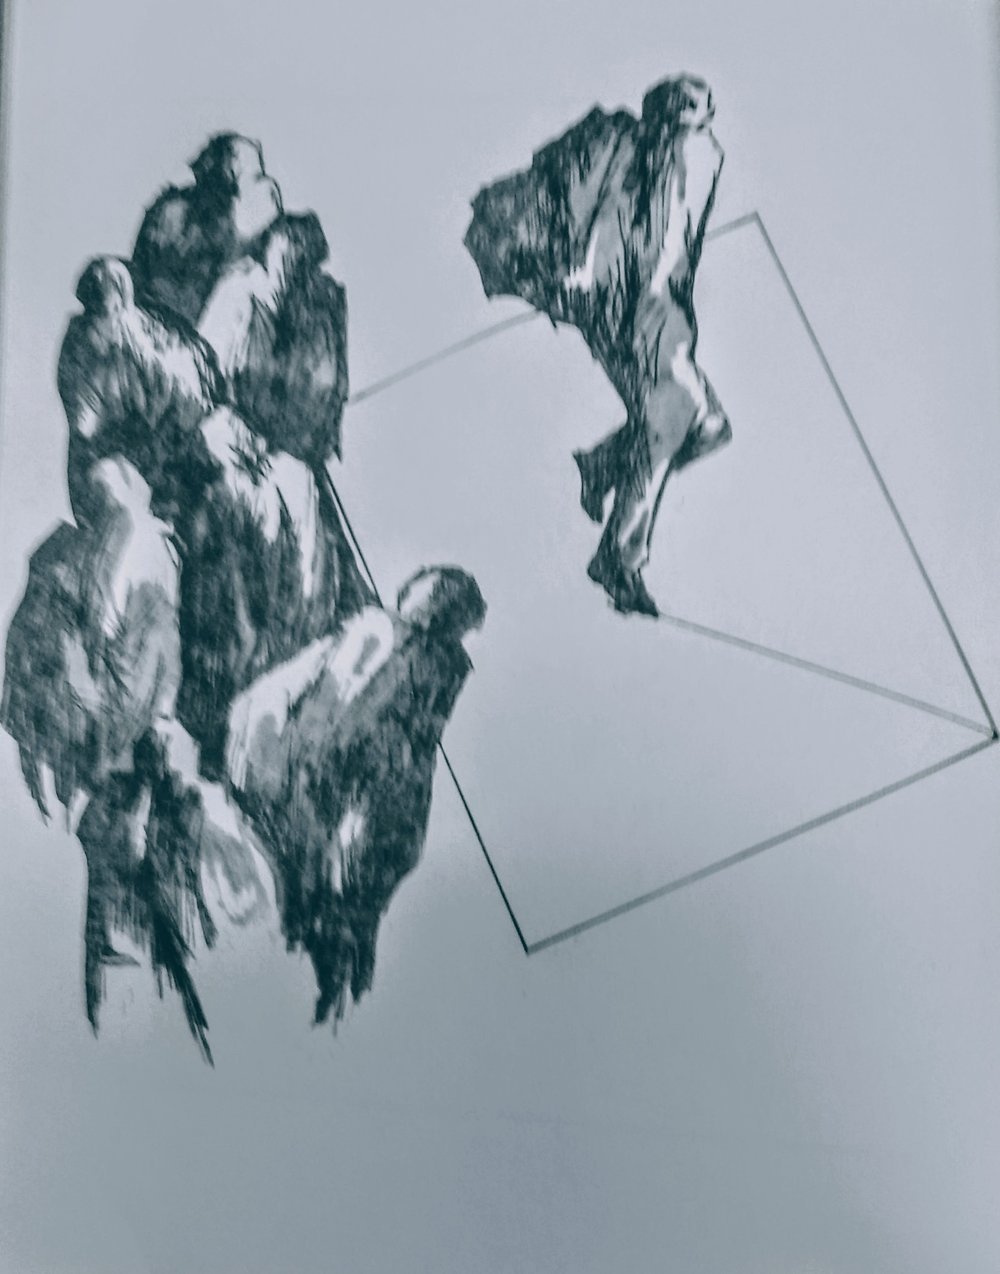 haydari - pic 2